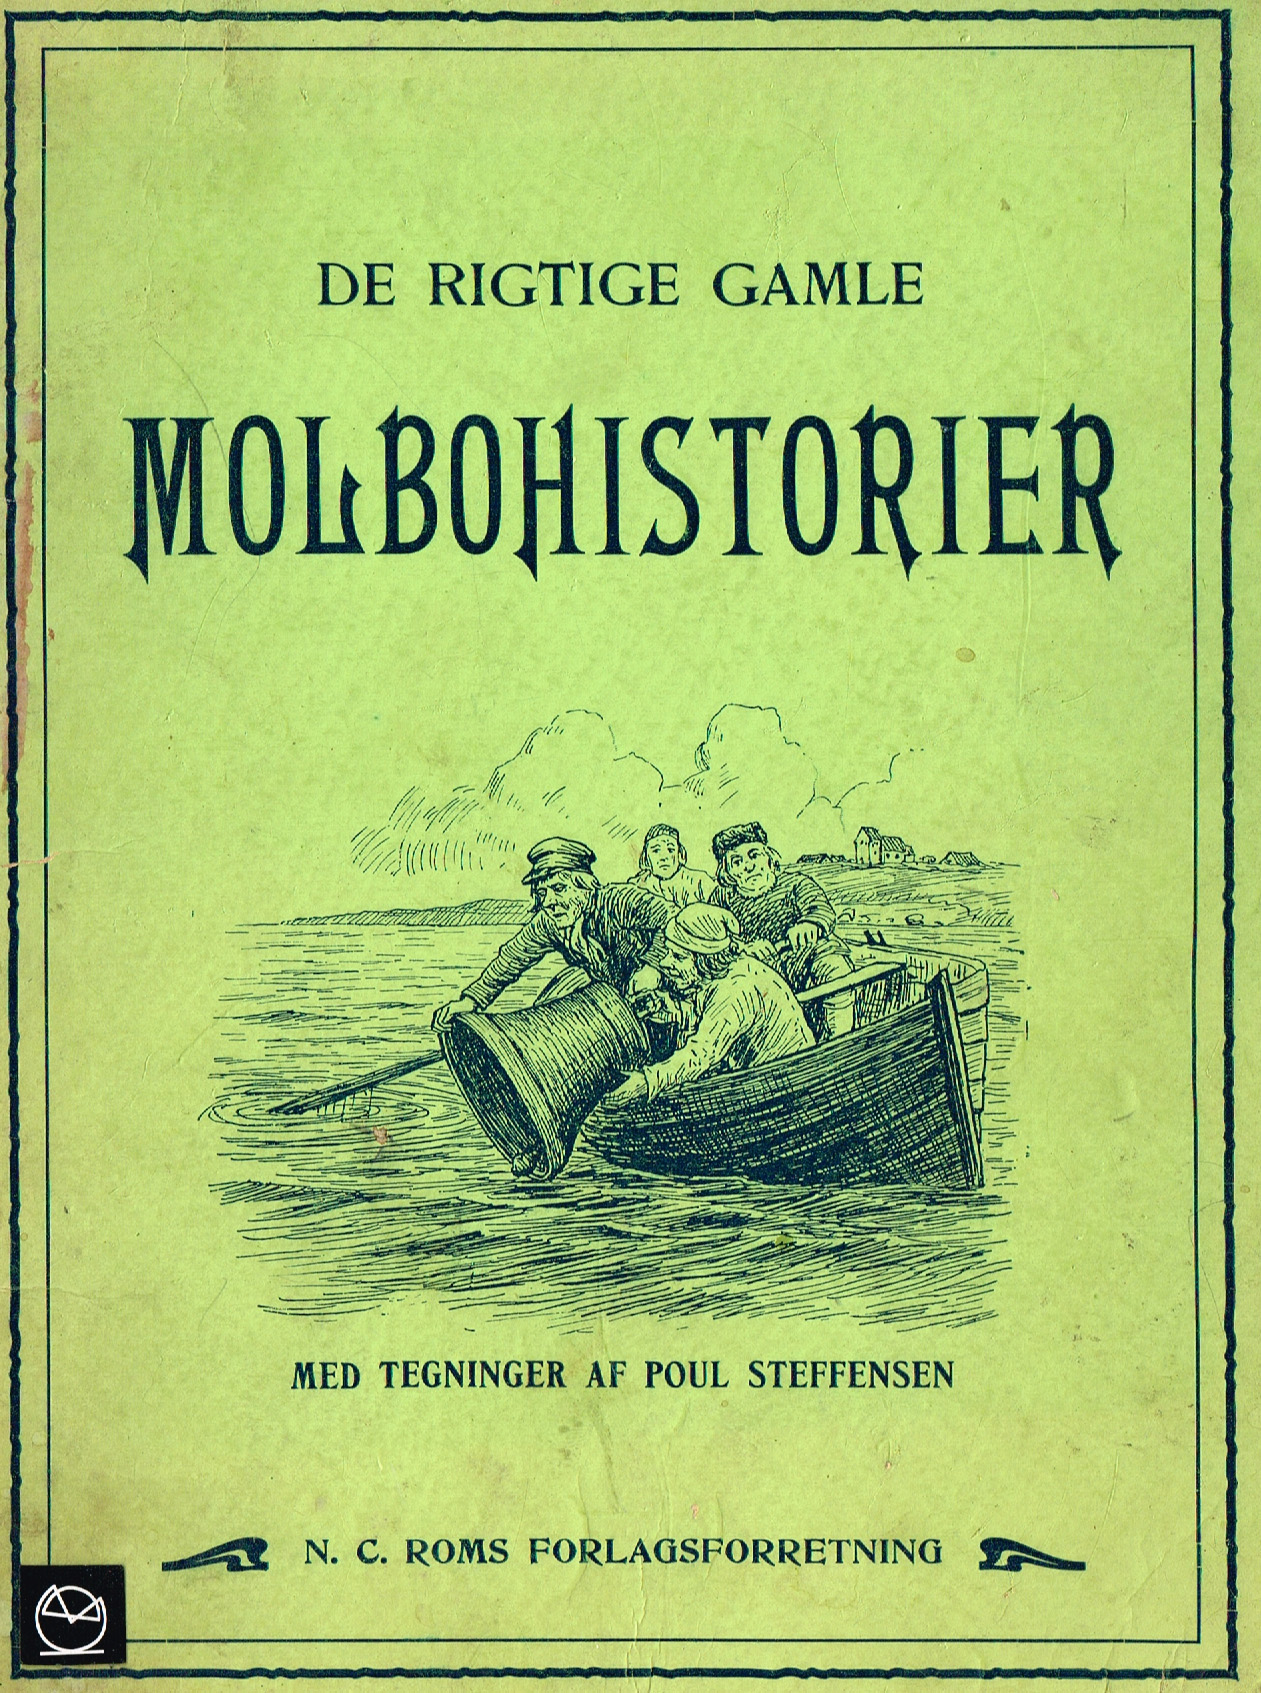 De Rigtige Gamle Molbohistorier billedbog